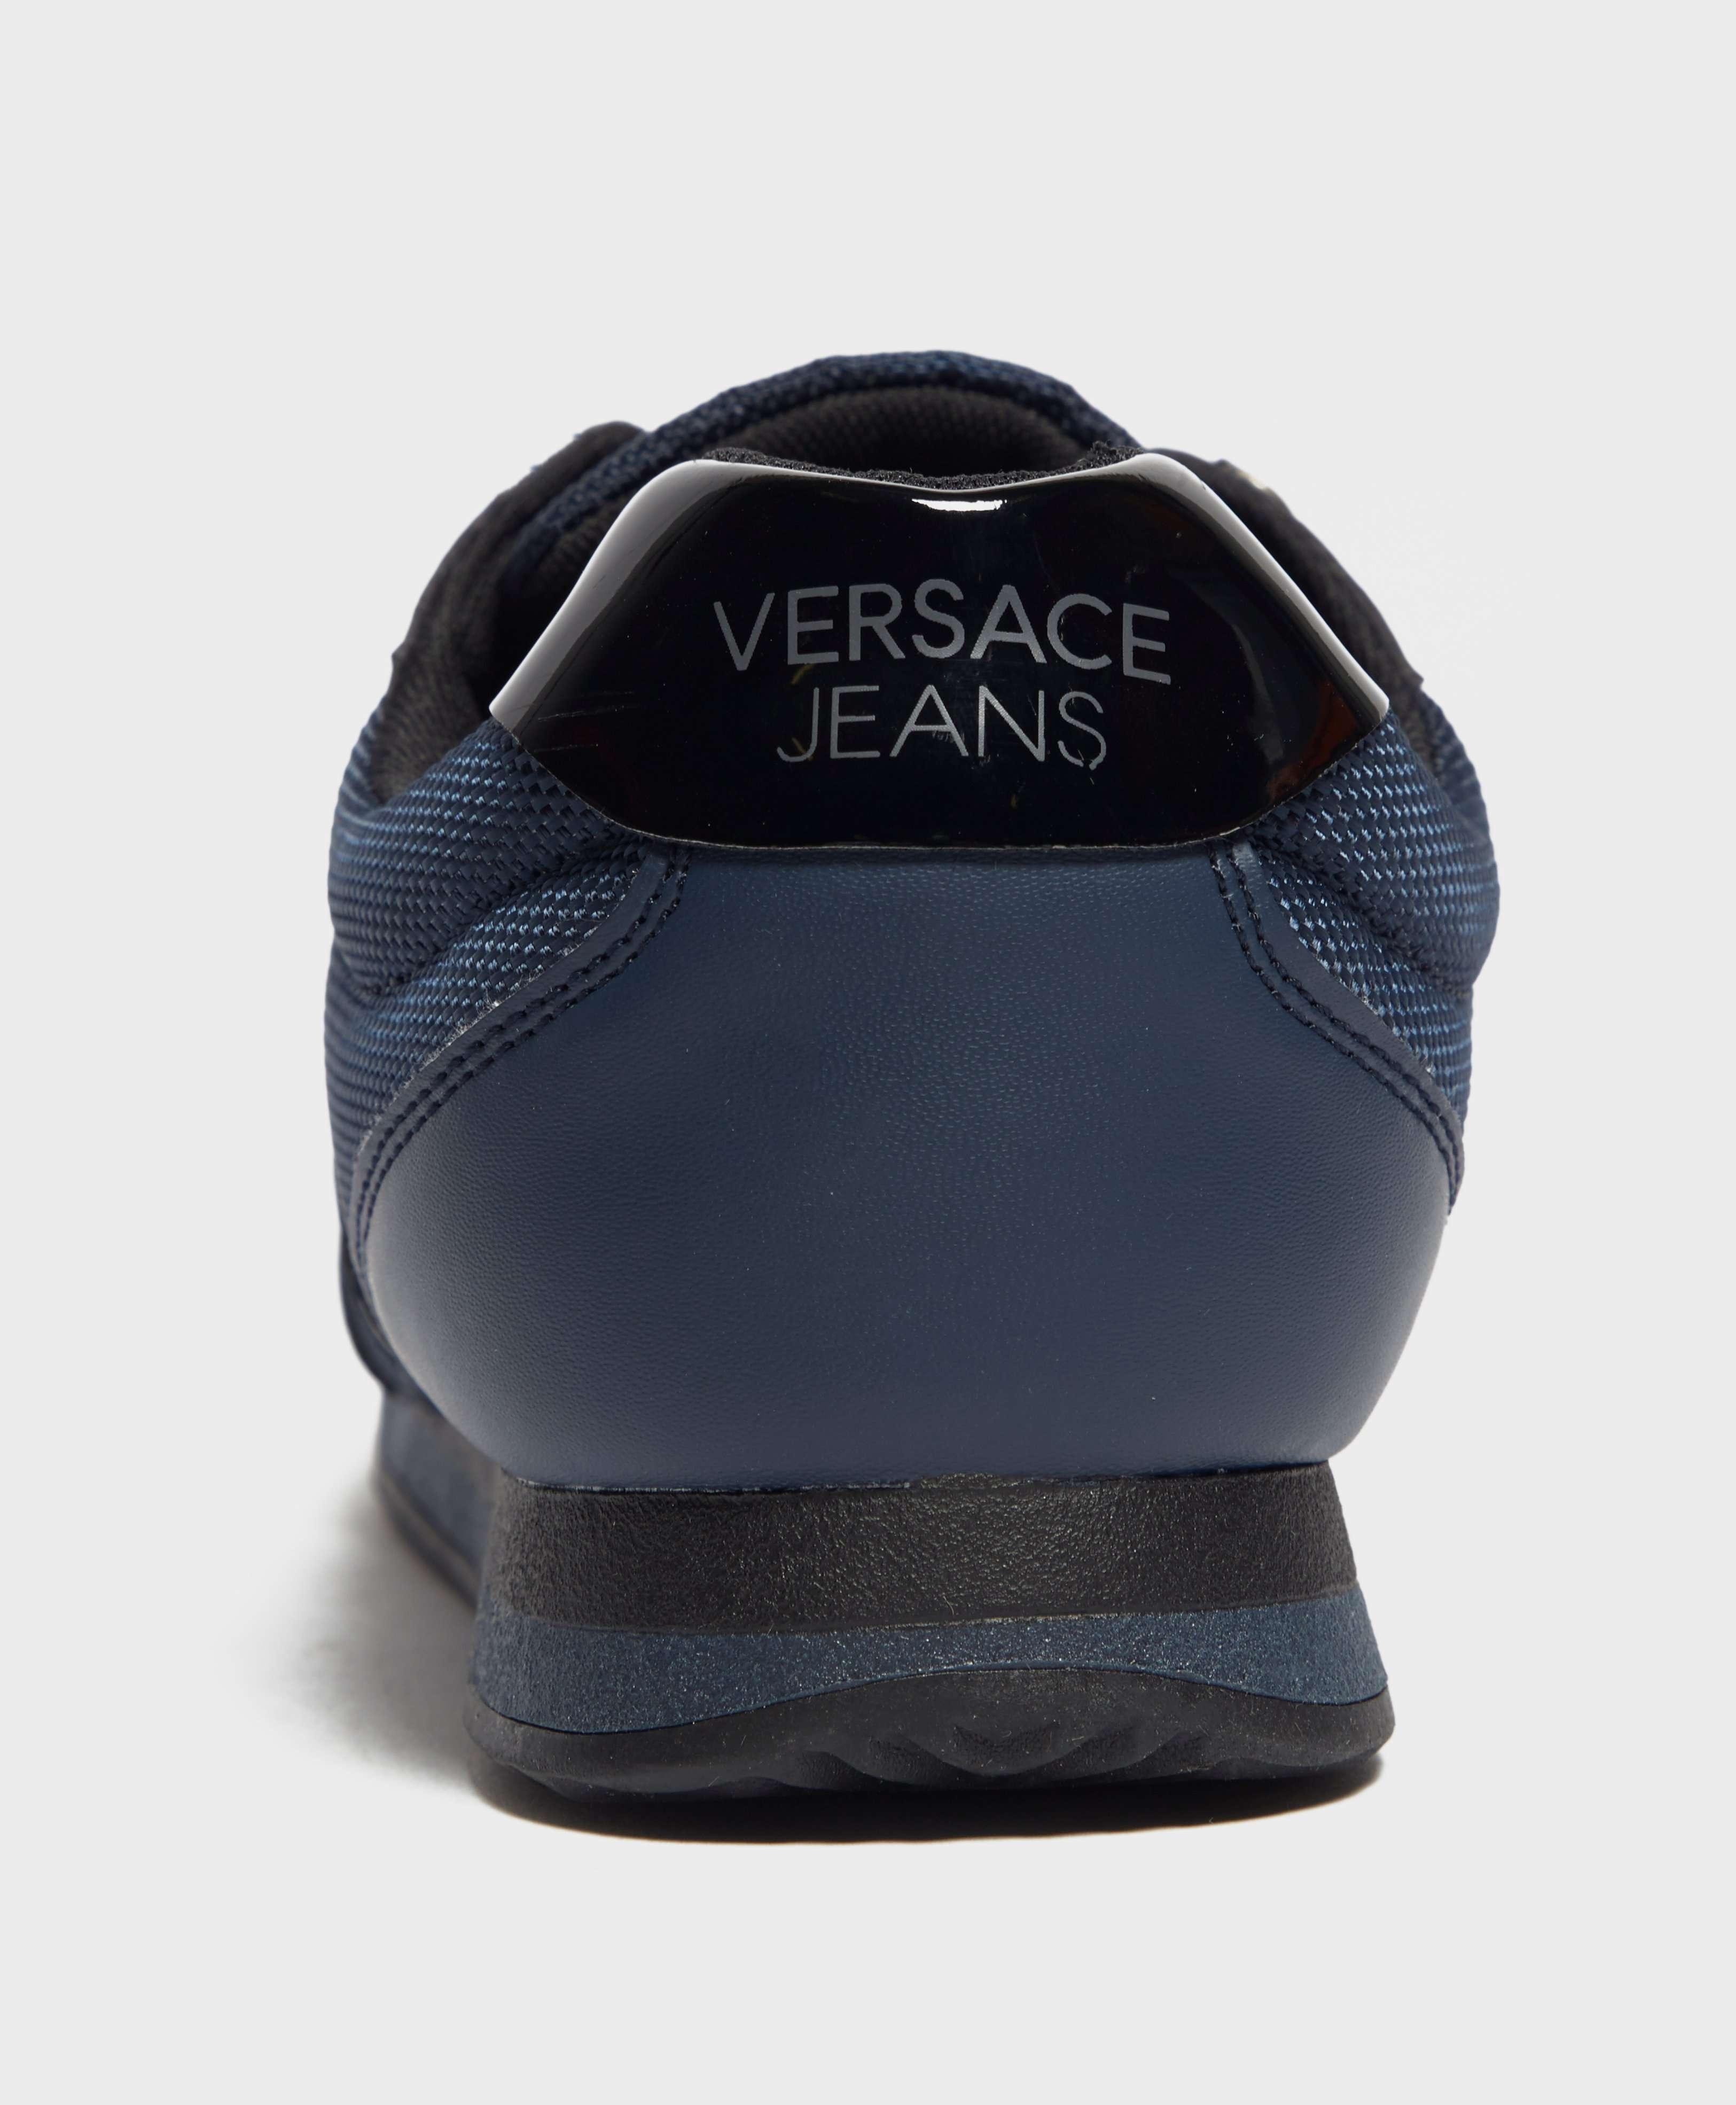 Versace Jeans Lindea Fondo Mesh